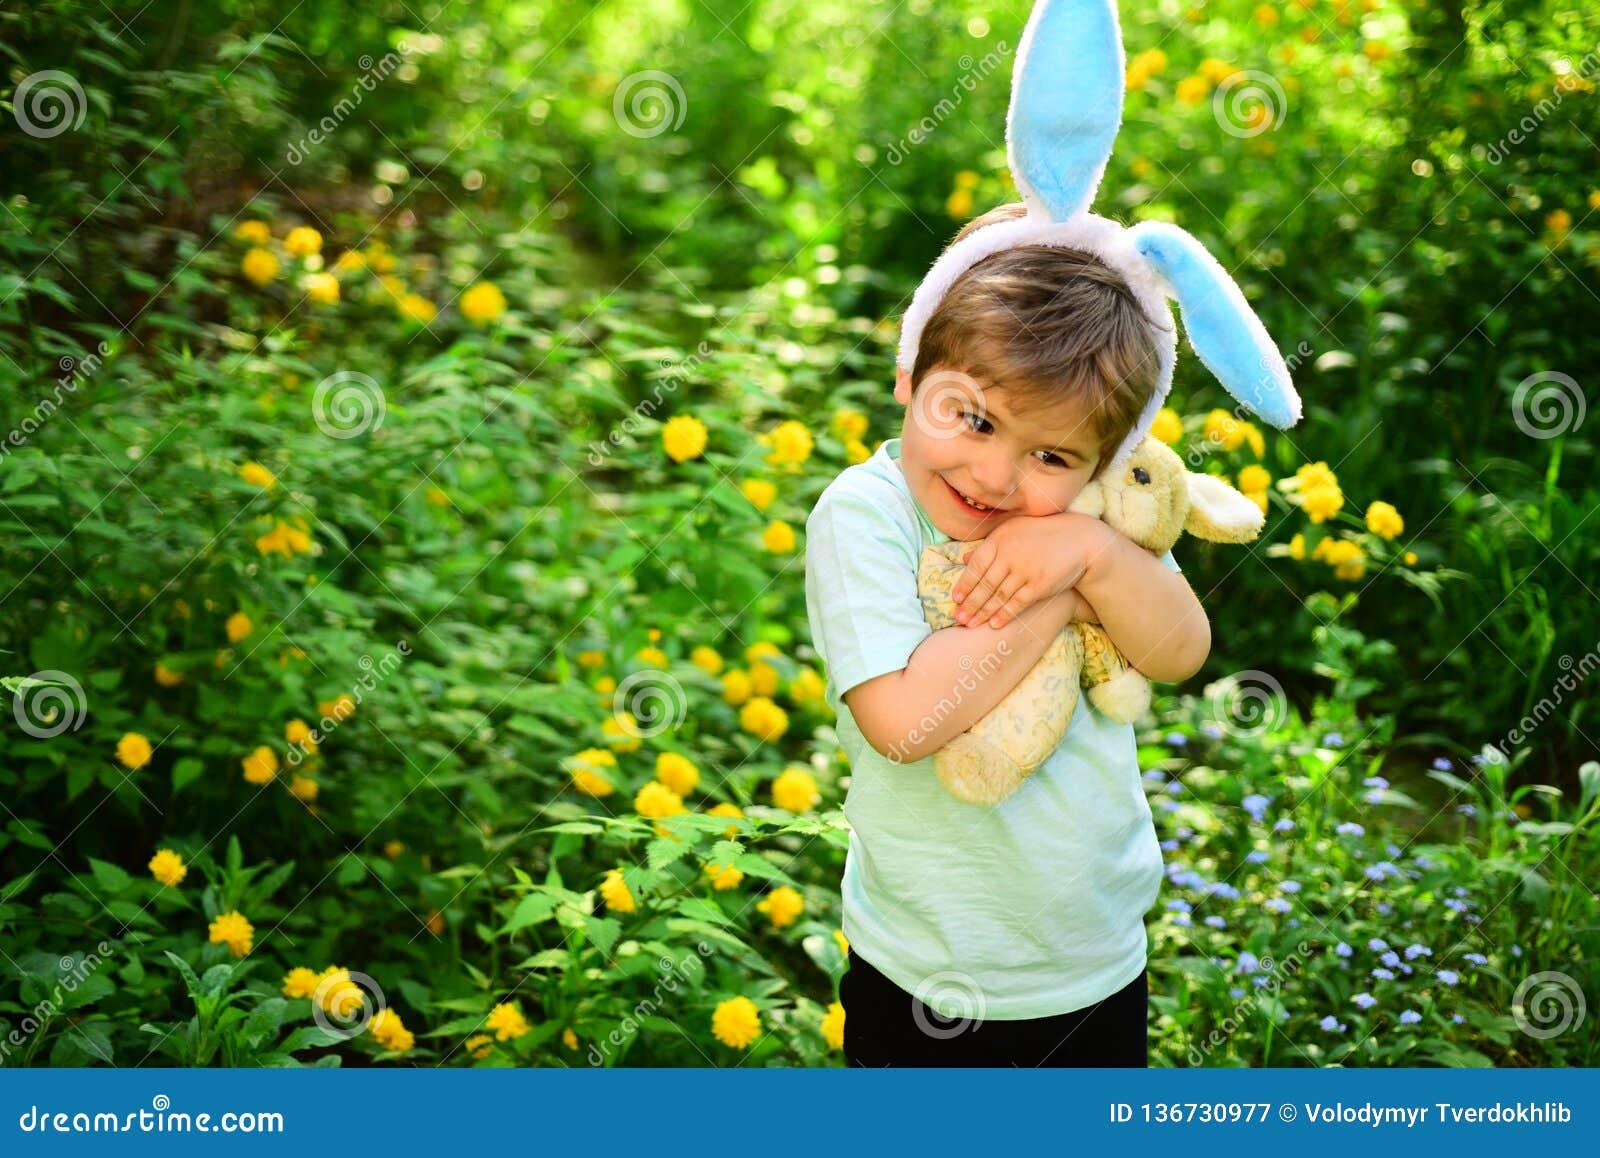 Παιδί κουνελιών με τα αυτιά λαγουδάκι Παιχνίδι λαγών Κυνήγι αυγών στις διακοπές άνοιξη Αγάπη Πάσχα Οικογενειακές διακοπές Παιδί μ